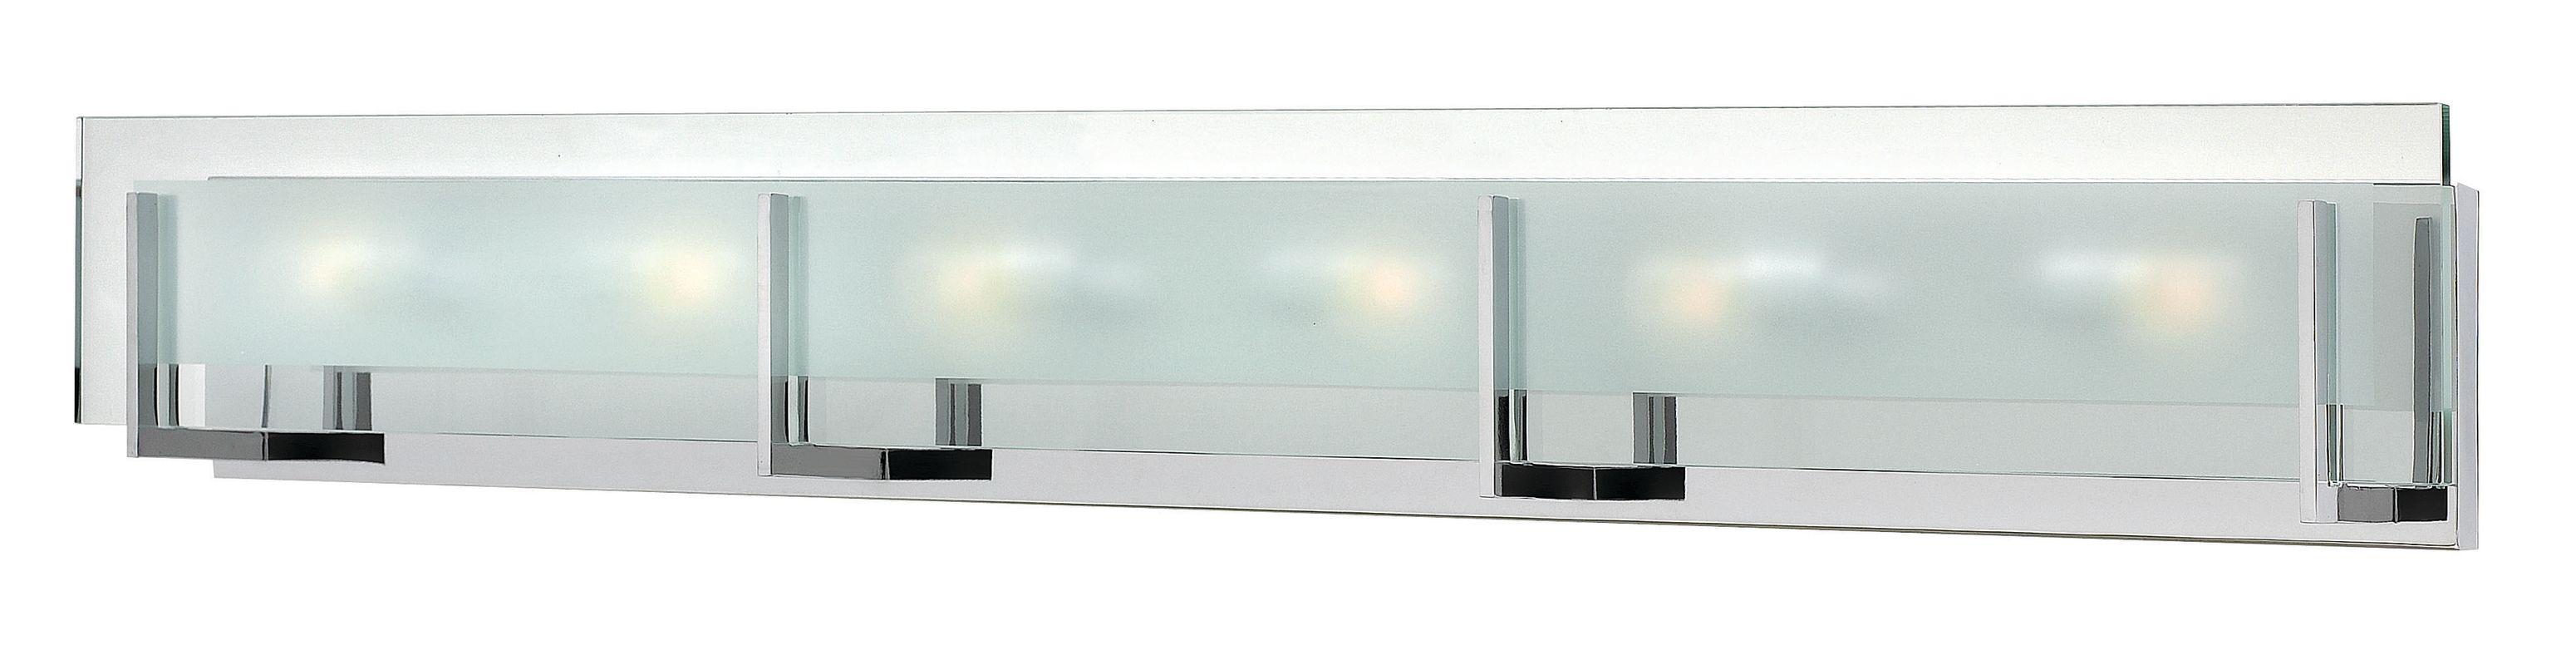 Hinkley Lighting 5656-LED 6 Light ADA Compliant LED Bath Bar from the Sale $679.00 ITEM#: 2635598 MODEL# :5656CM-LED UPC#: 640665565669 :